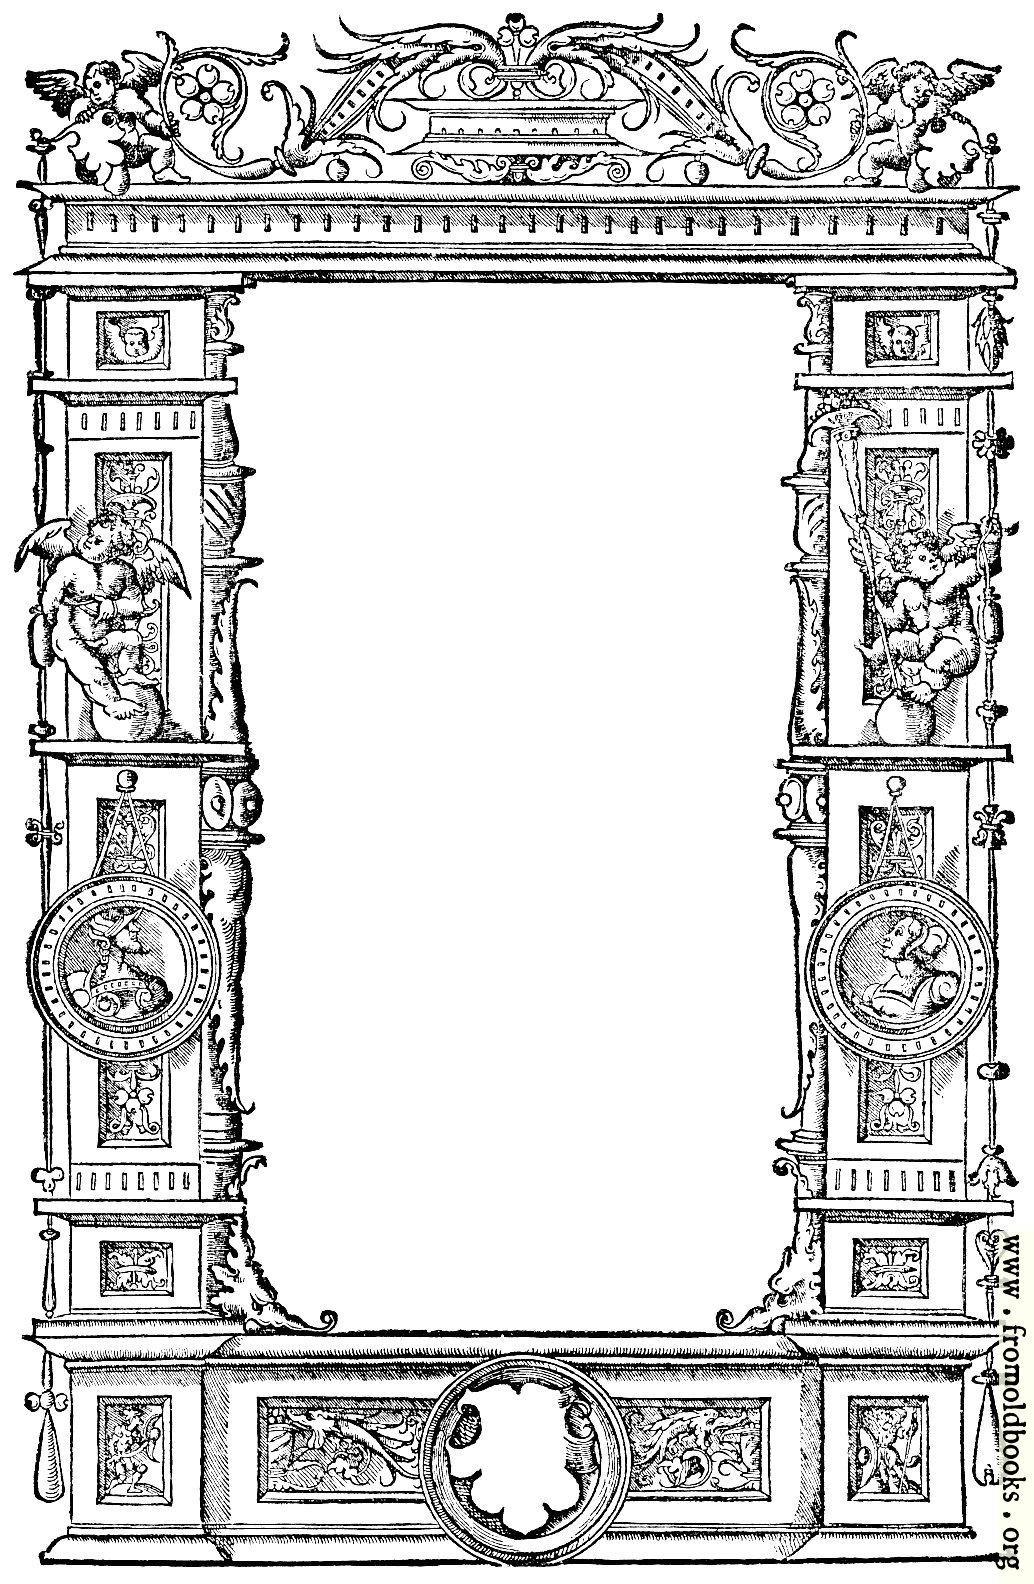 [Picture: 8.—Ornate Renaissance Border (1536)]